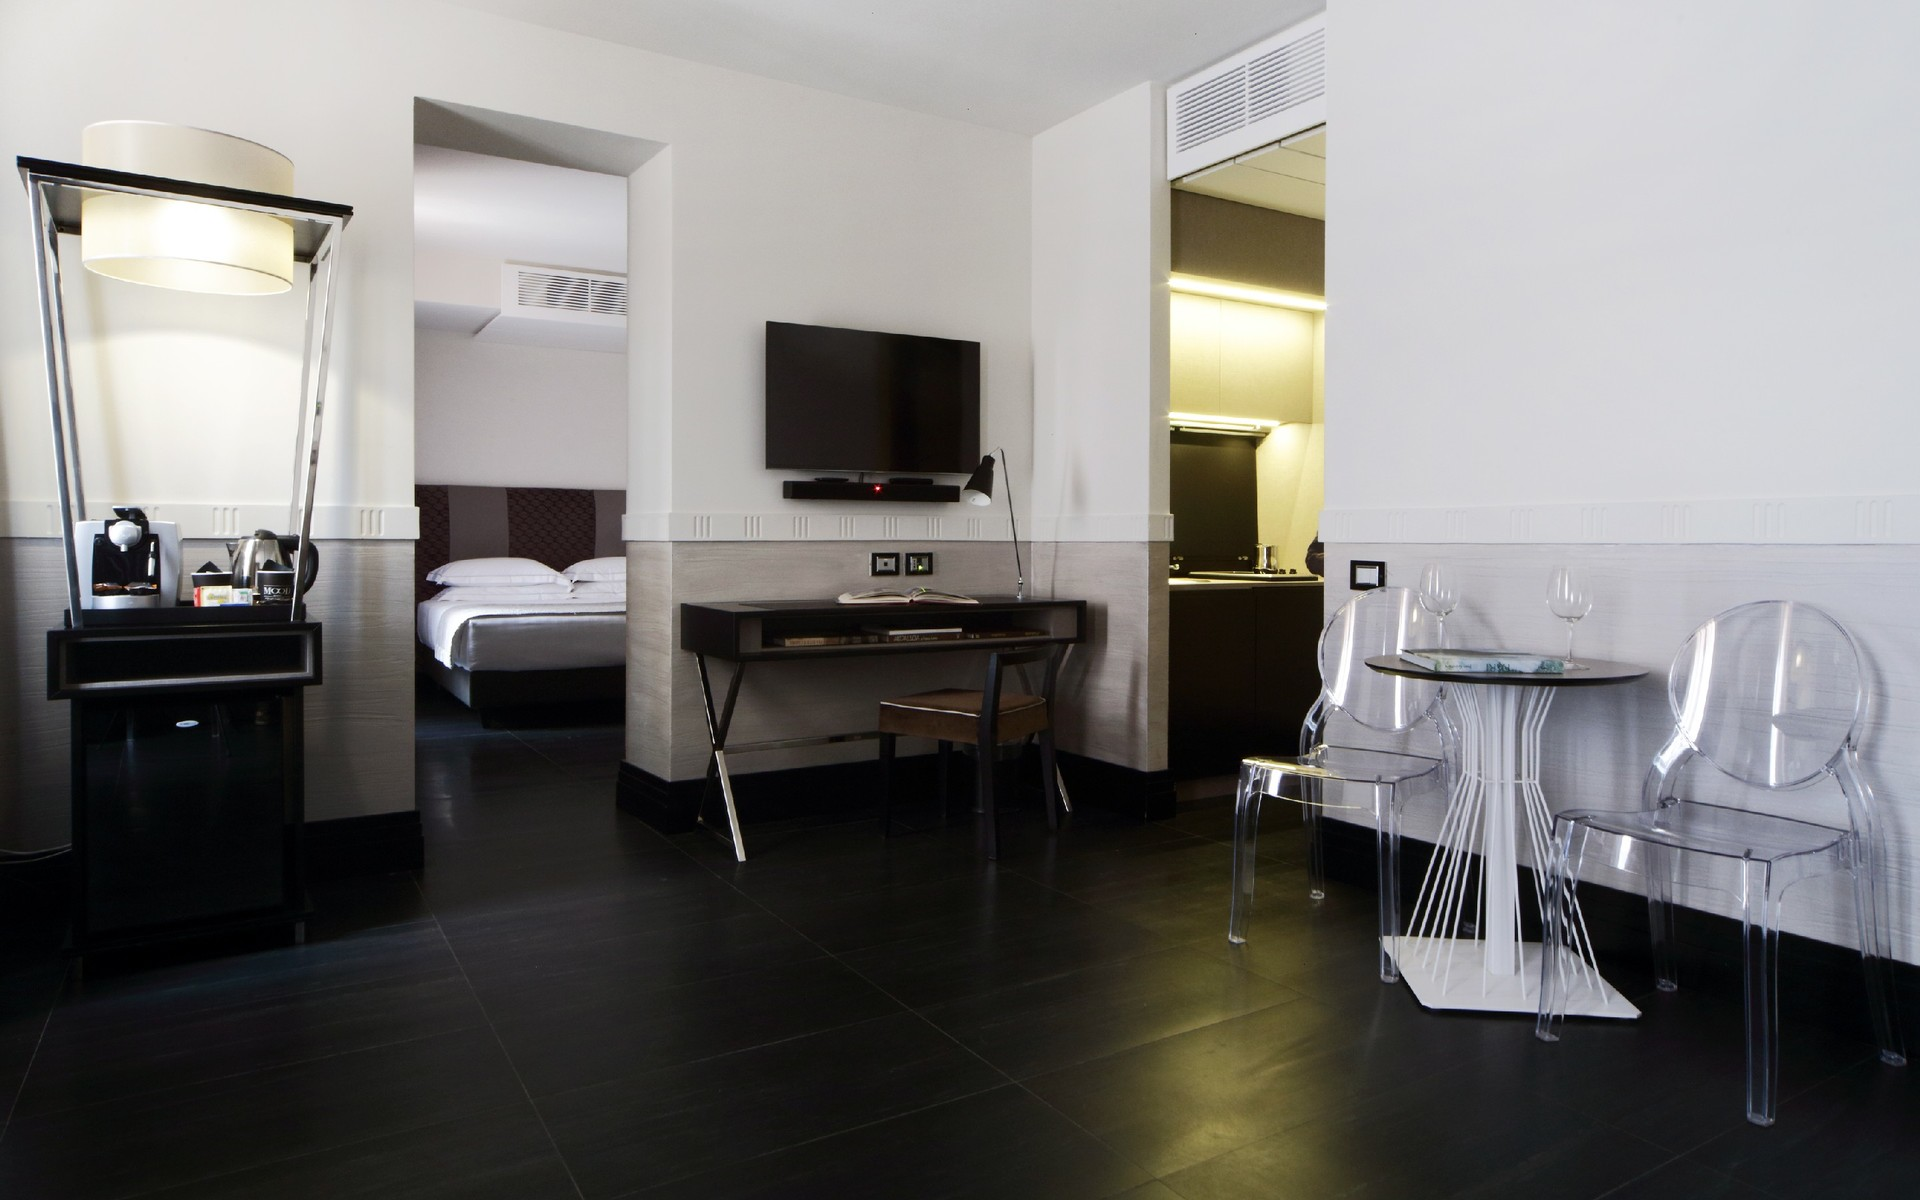 hotel image 8